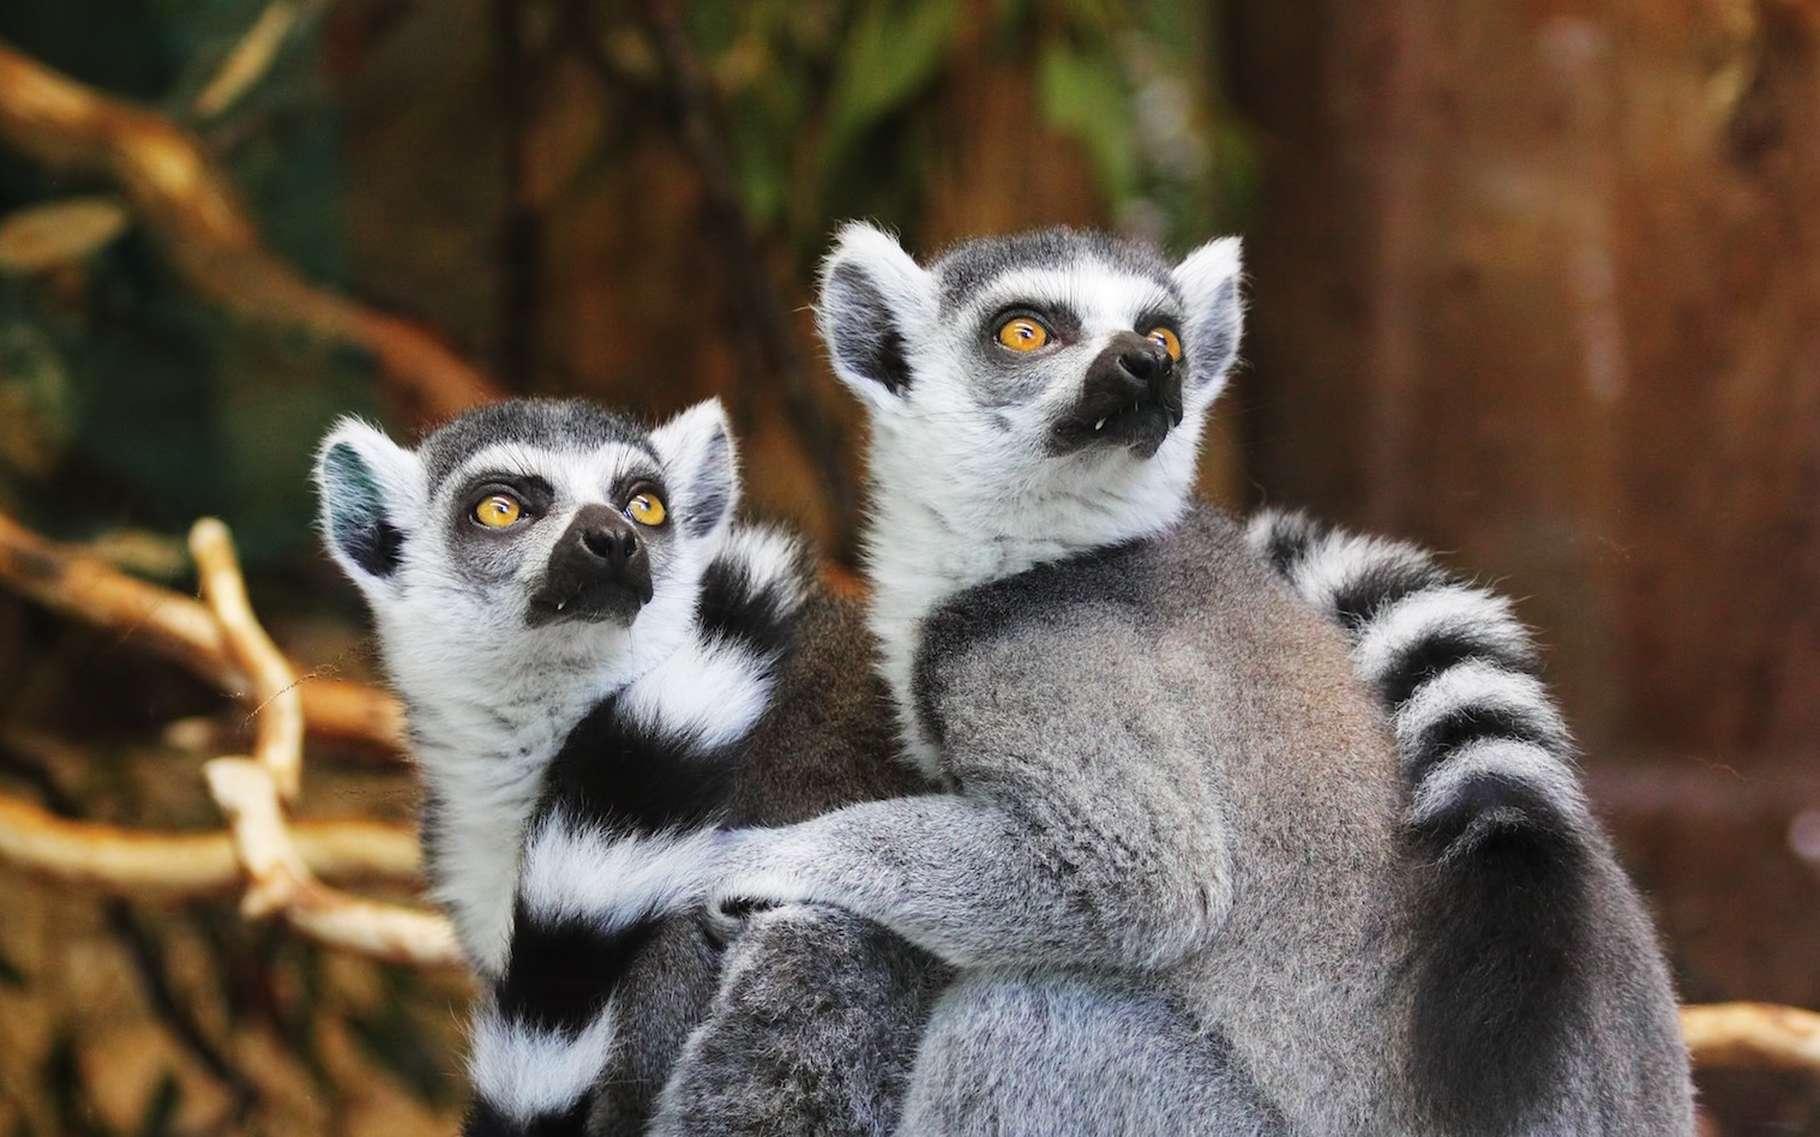 Le Maki catta est un lémurien reconnaissable à sa longue queue rayée de noir et de blanc. Ce sont des animaux diurnes qui vivent dans les arbres du sud de Madagascar. Le Maki catta est particulièrement populaire dans les zoos. Malheureusement, la destruction de son habitat et son commerce pourraient porter un coup fatal à l'espèce. Il n'en existerait même plus 2.000 spécimens à l'état sauvage. De quoi justifier le classement du Maki catta sur la liste des espèces en danger. © InspiredImages, Pixabay, CC0 Creative Commons